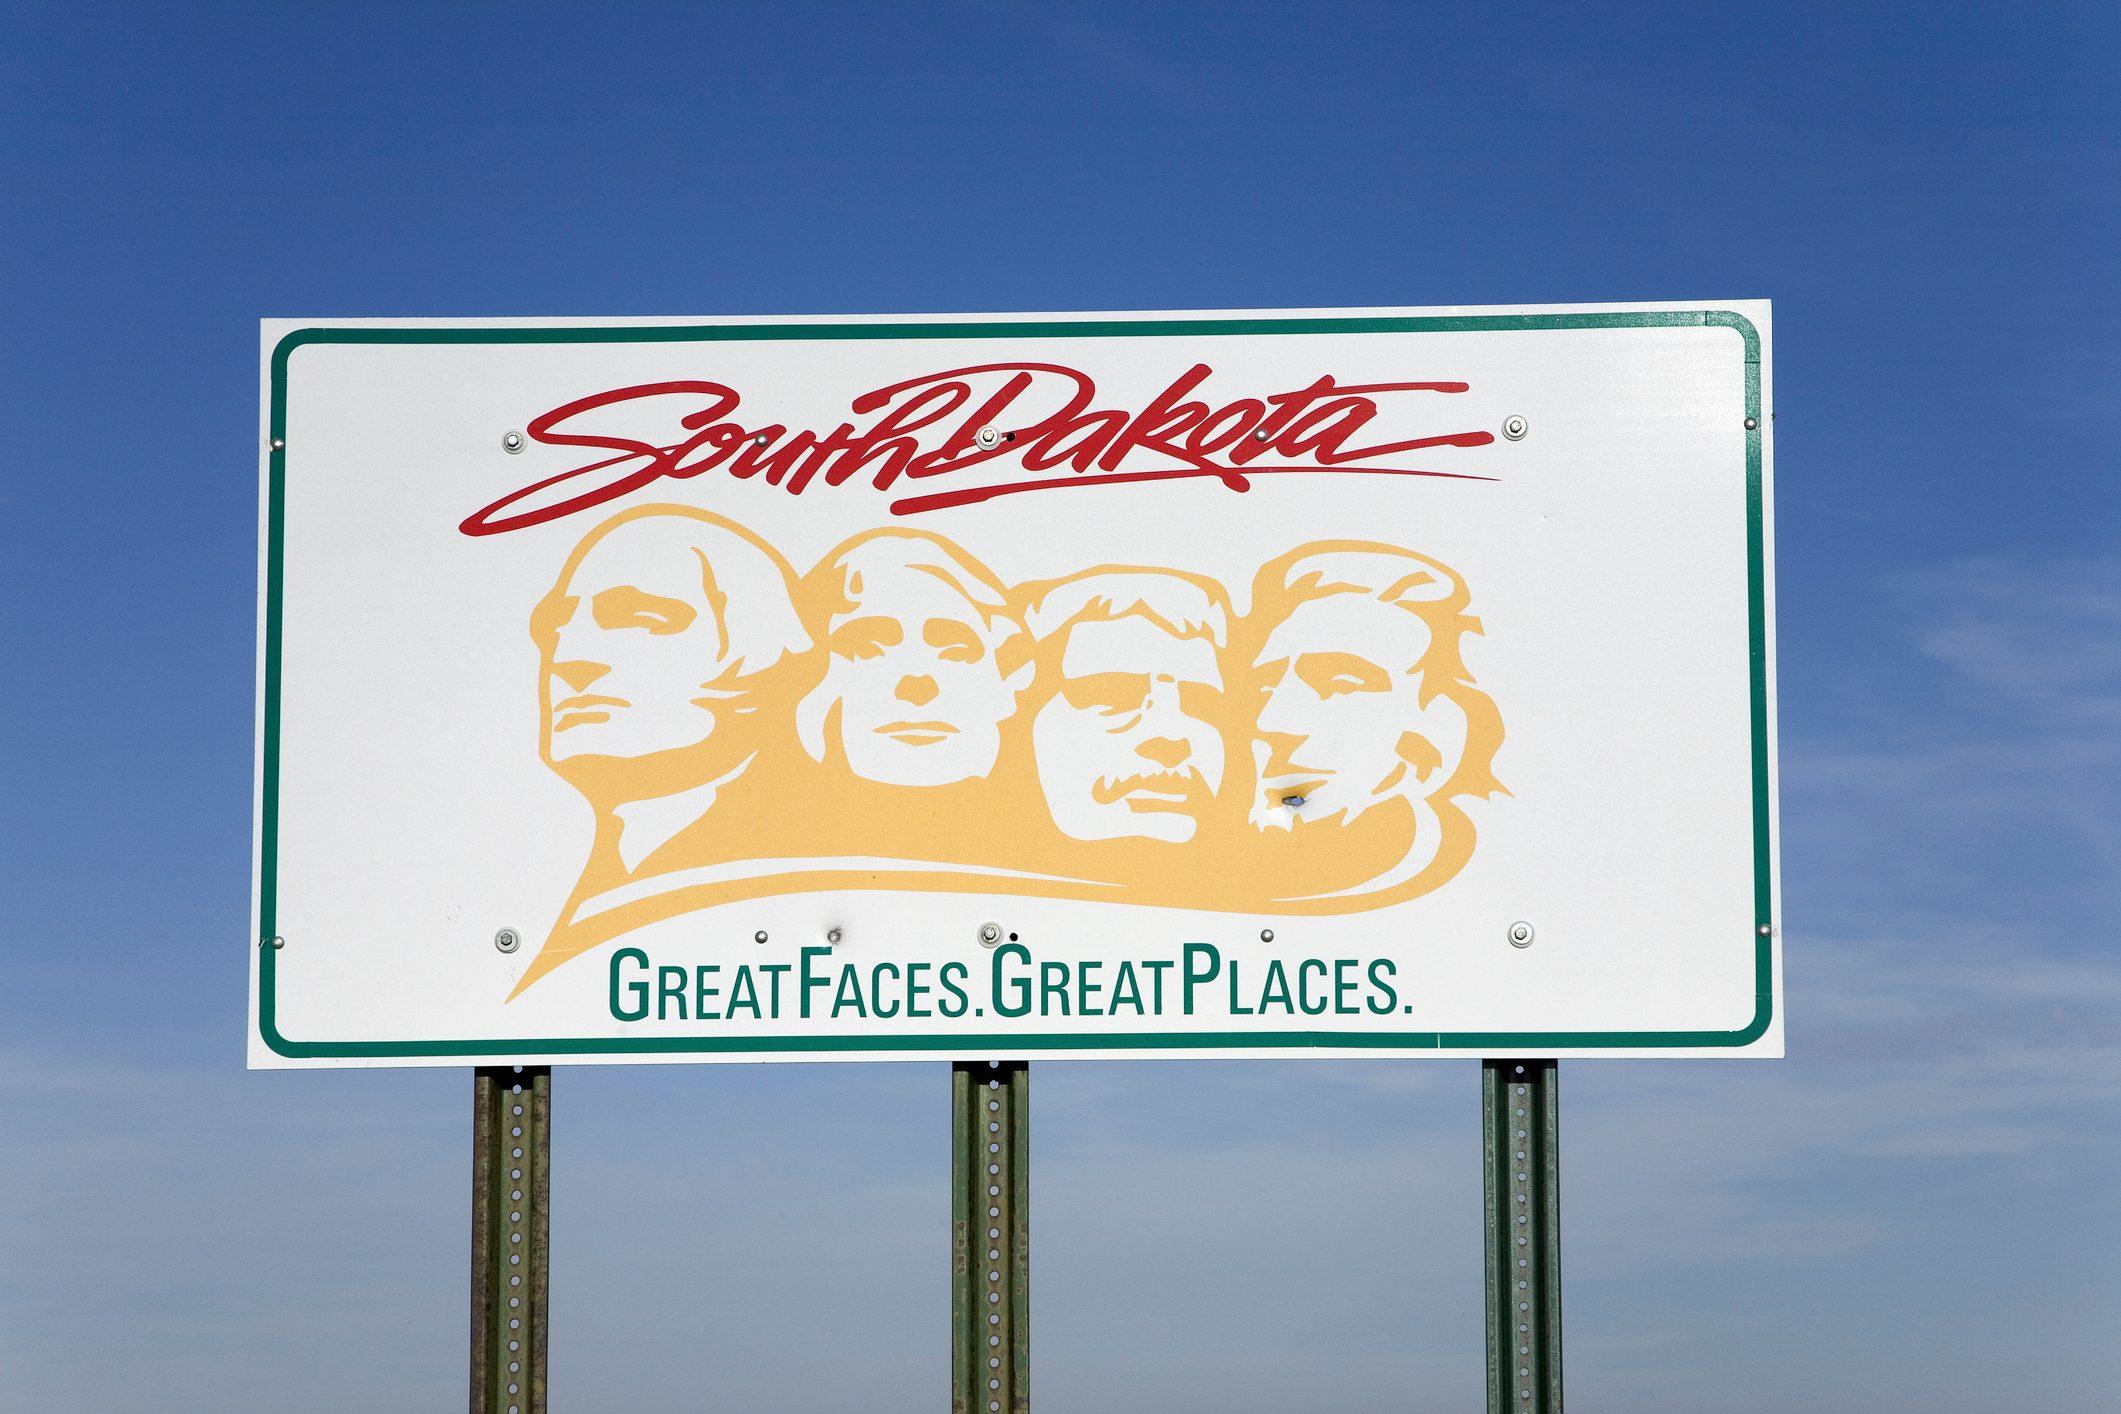 Welcoming sign to South Dakota